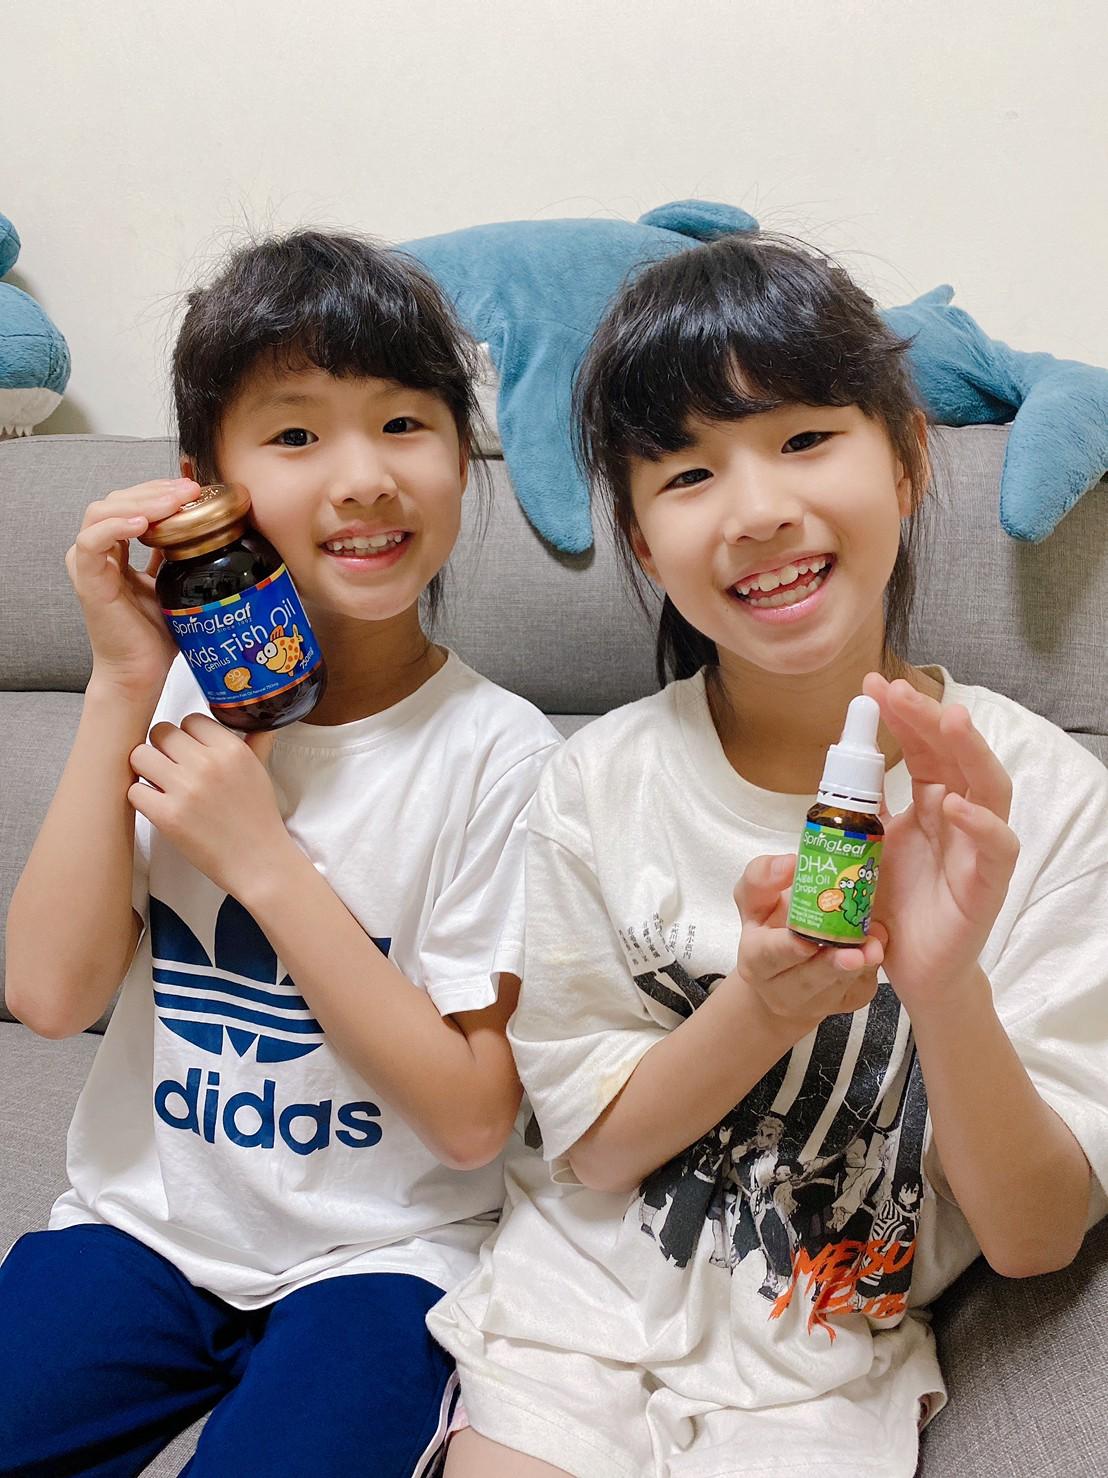 澳洲兒童補給品 綠芙特級 兒童魚油 / 艾司亮晶晶葉黃素 /巴司益生菌 新品給小孩全方位顧滿滿